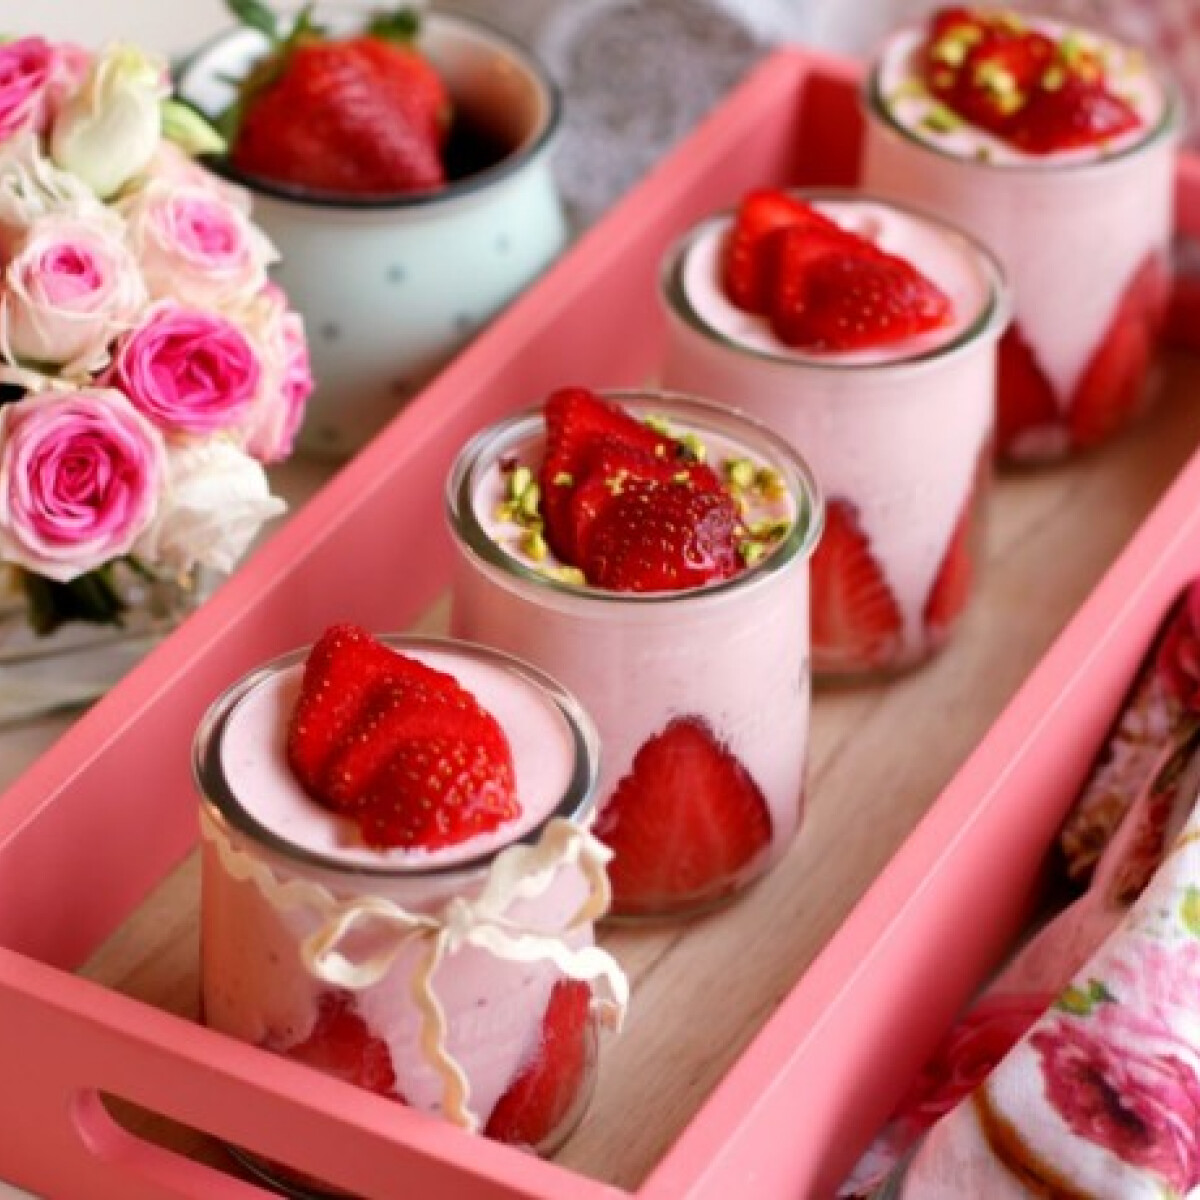 Ezen a képen: Epres joghurthab Pink.Cékla konyhájából